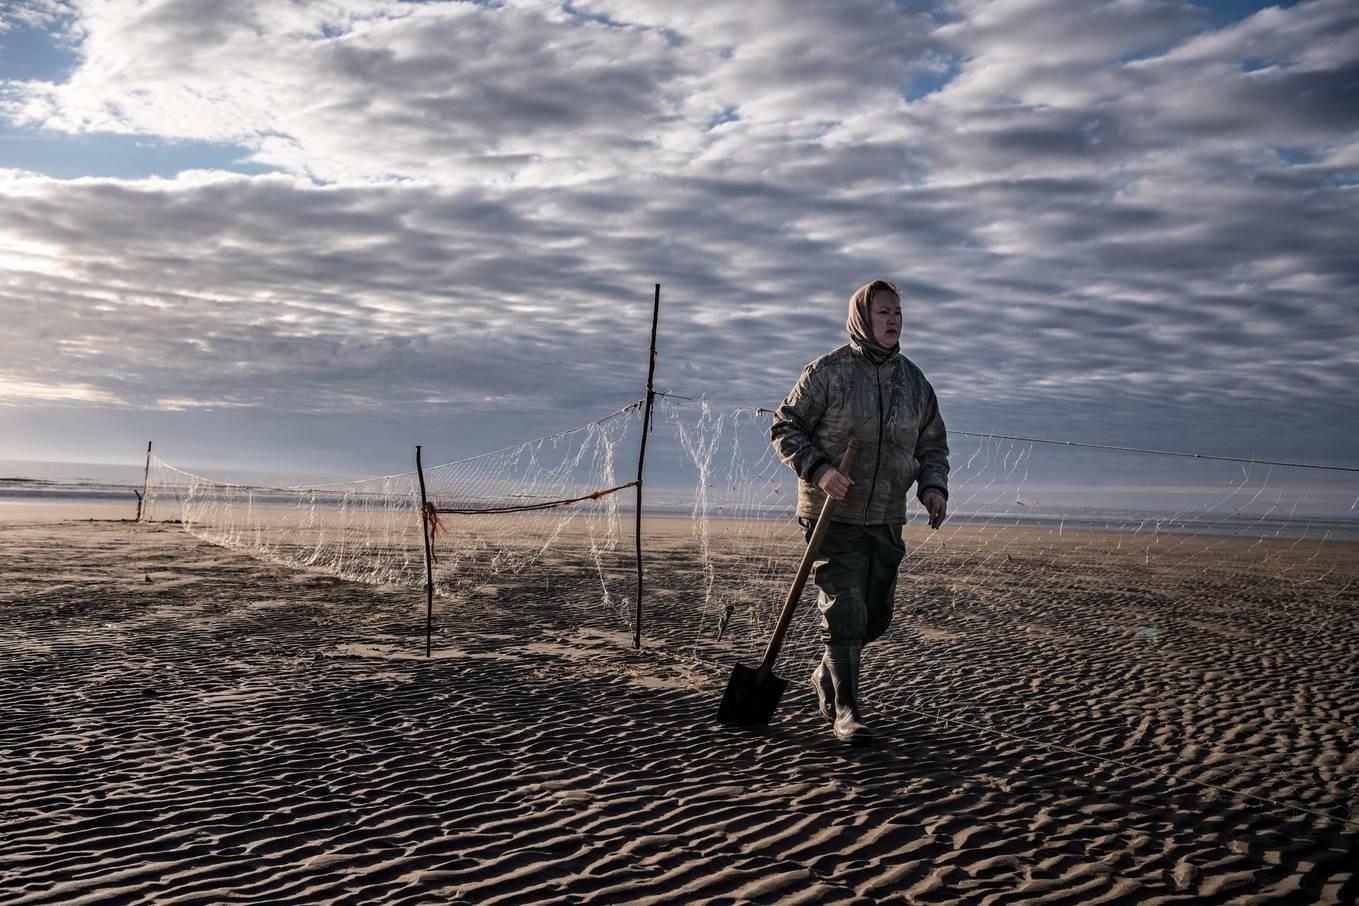 Khám phá ngôi làng Nga biến mất mỗi khi gió to, người dân không ai dám đóng cửa vào ban đêm - Ảnh 8.